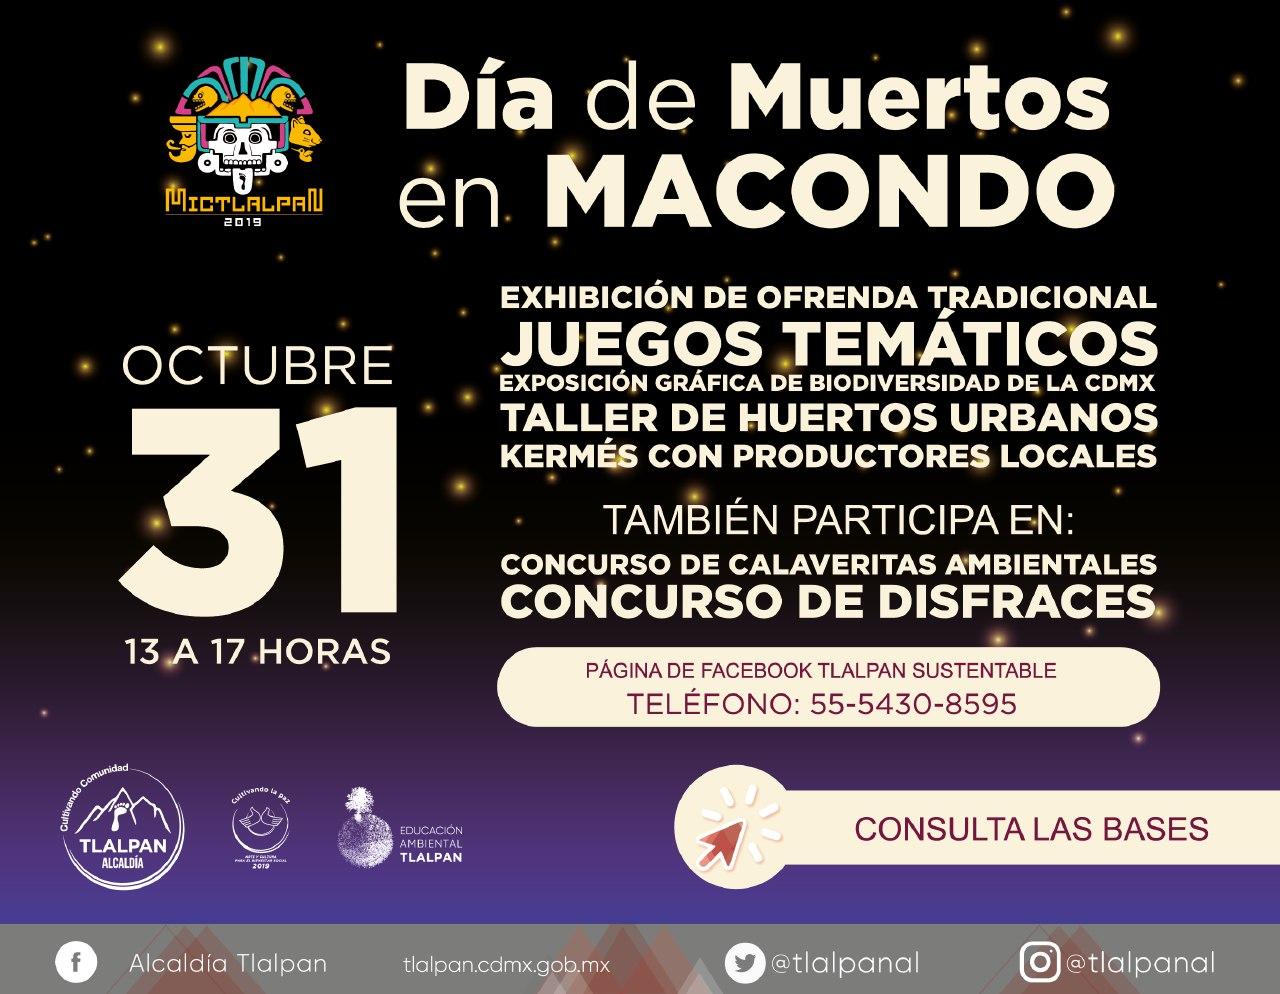 Dia de muertos_macondo